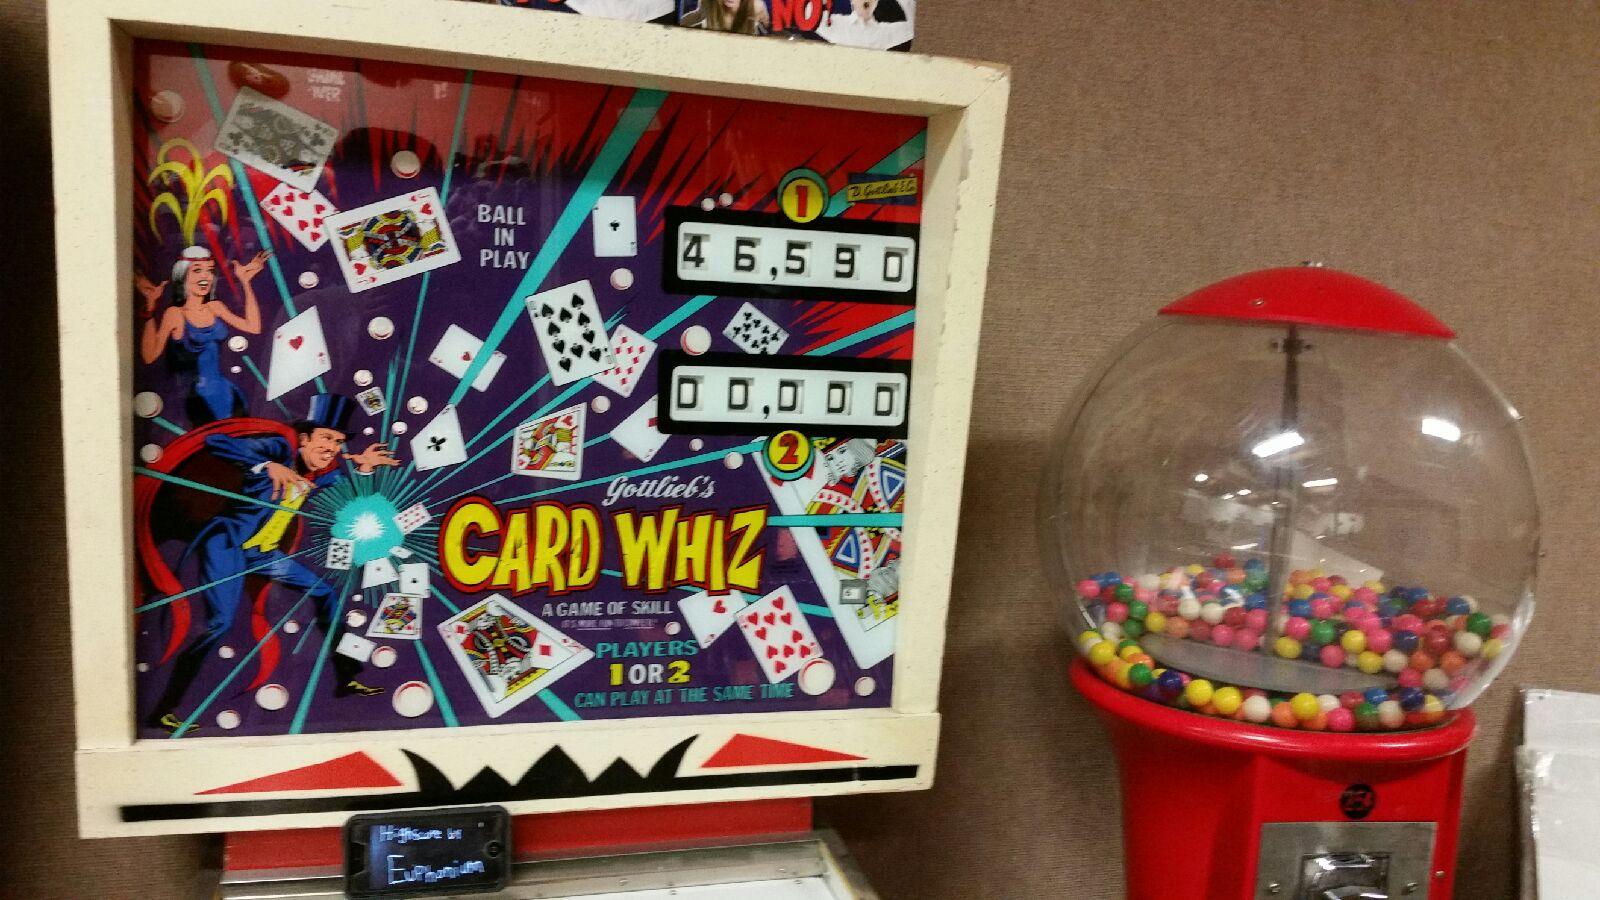 Card Whiz [Gottlieb] 46,590 points